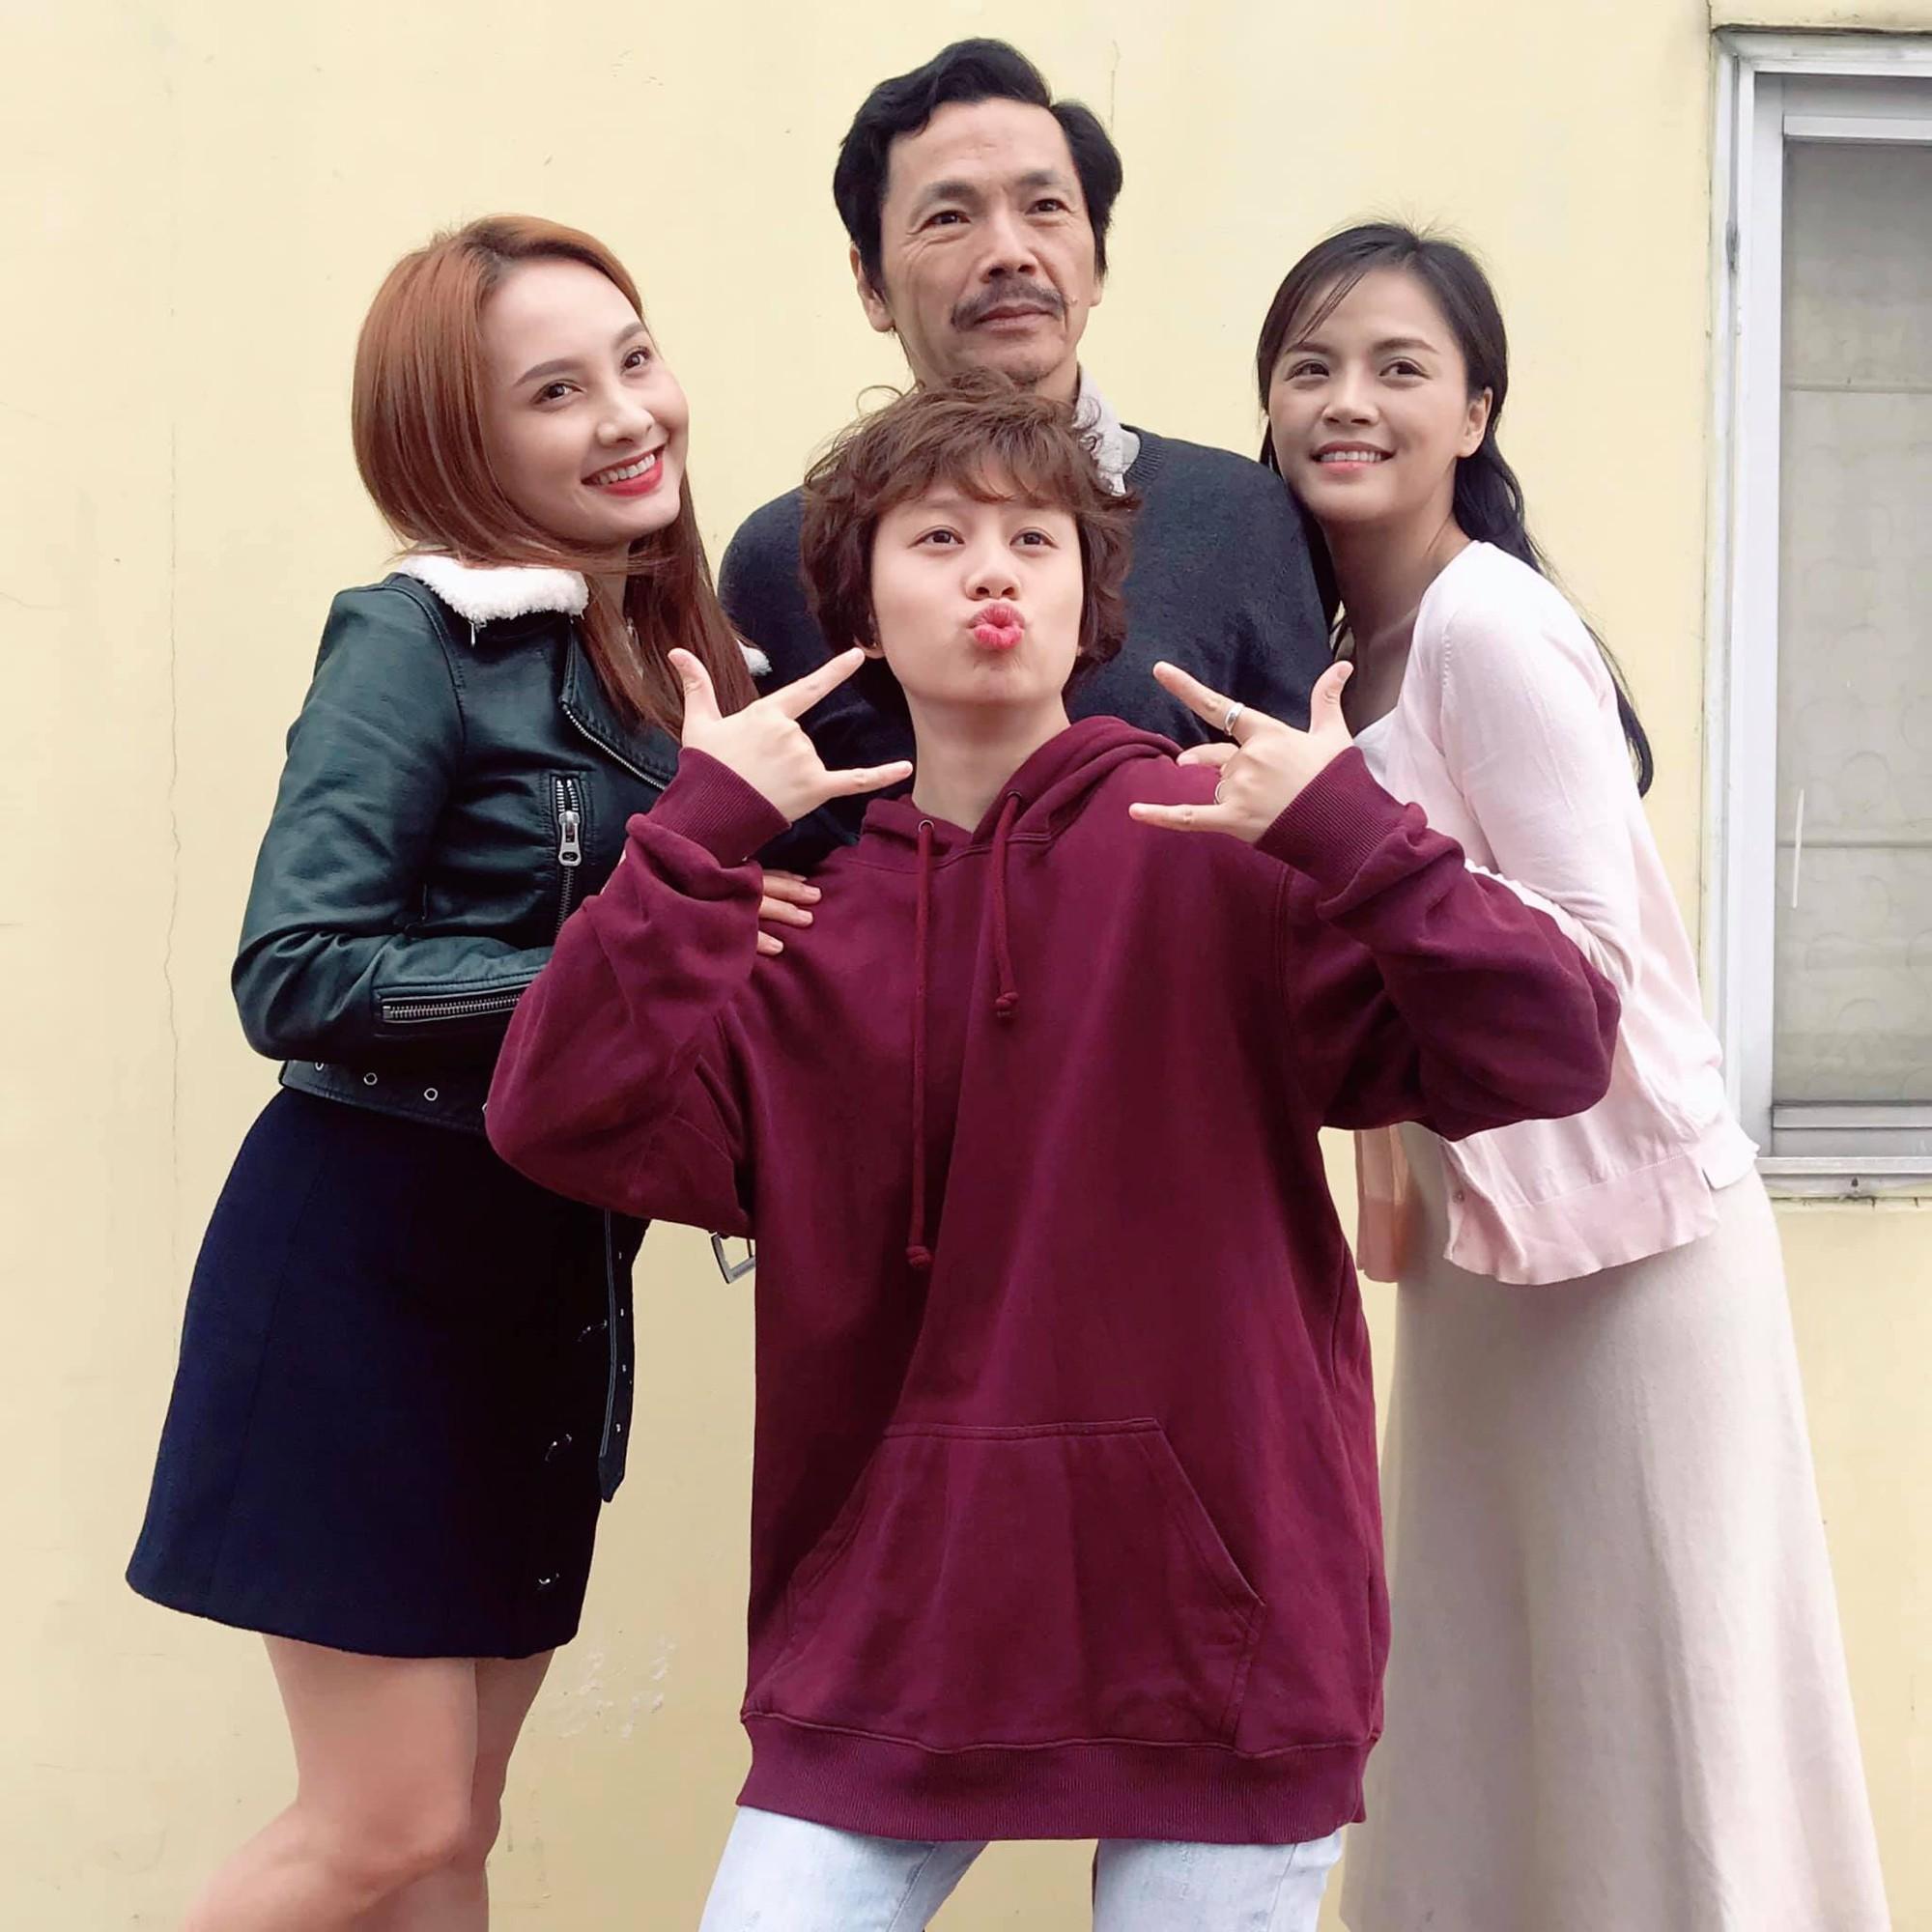 Ngắm nhan sắc đời thường của 3 diễn viên nữ chính phim Về nhà đi con - Ảnh 16.